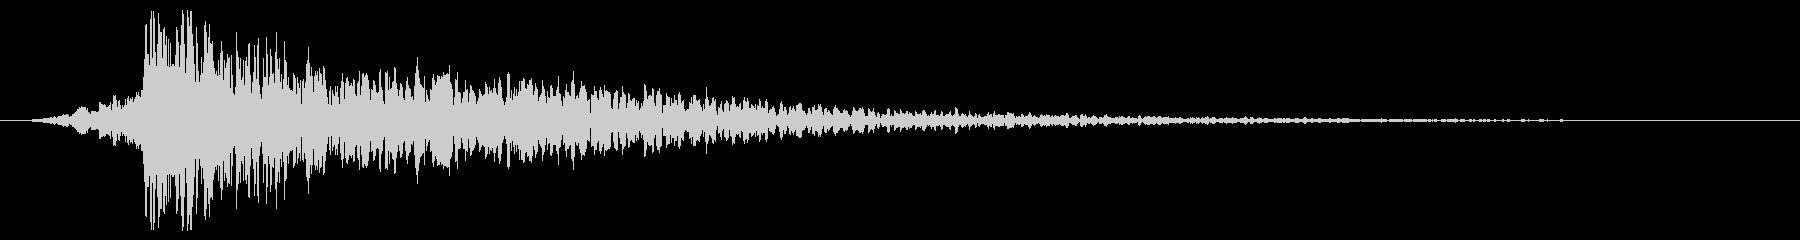 打撃音・爆発音・ヒット7-ヒュードーンッの未再生の波形